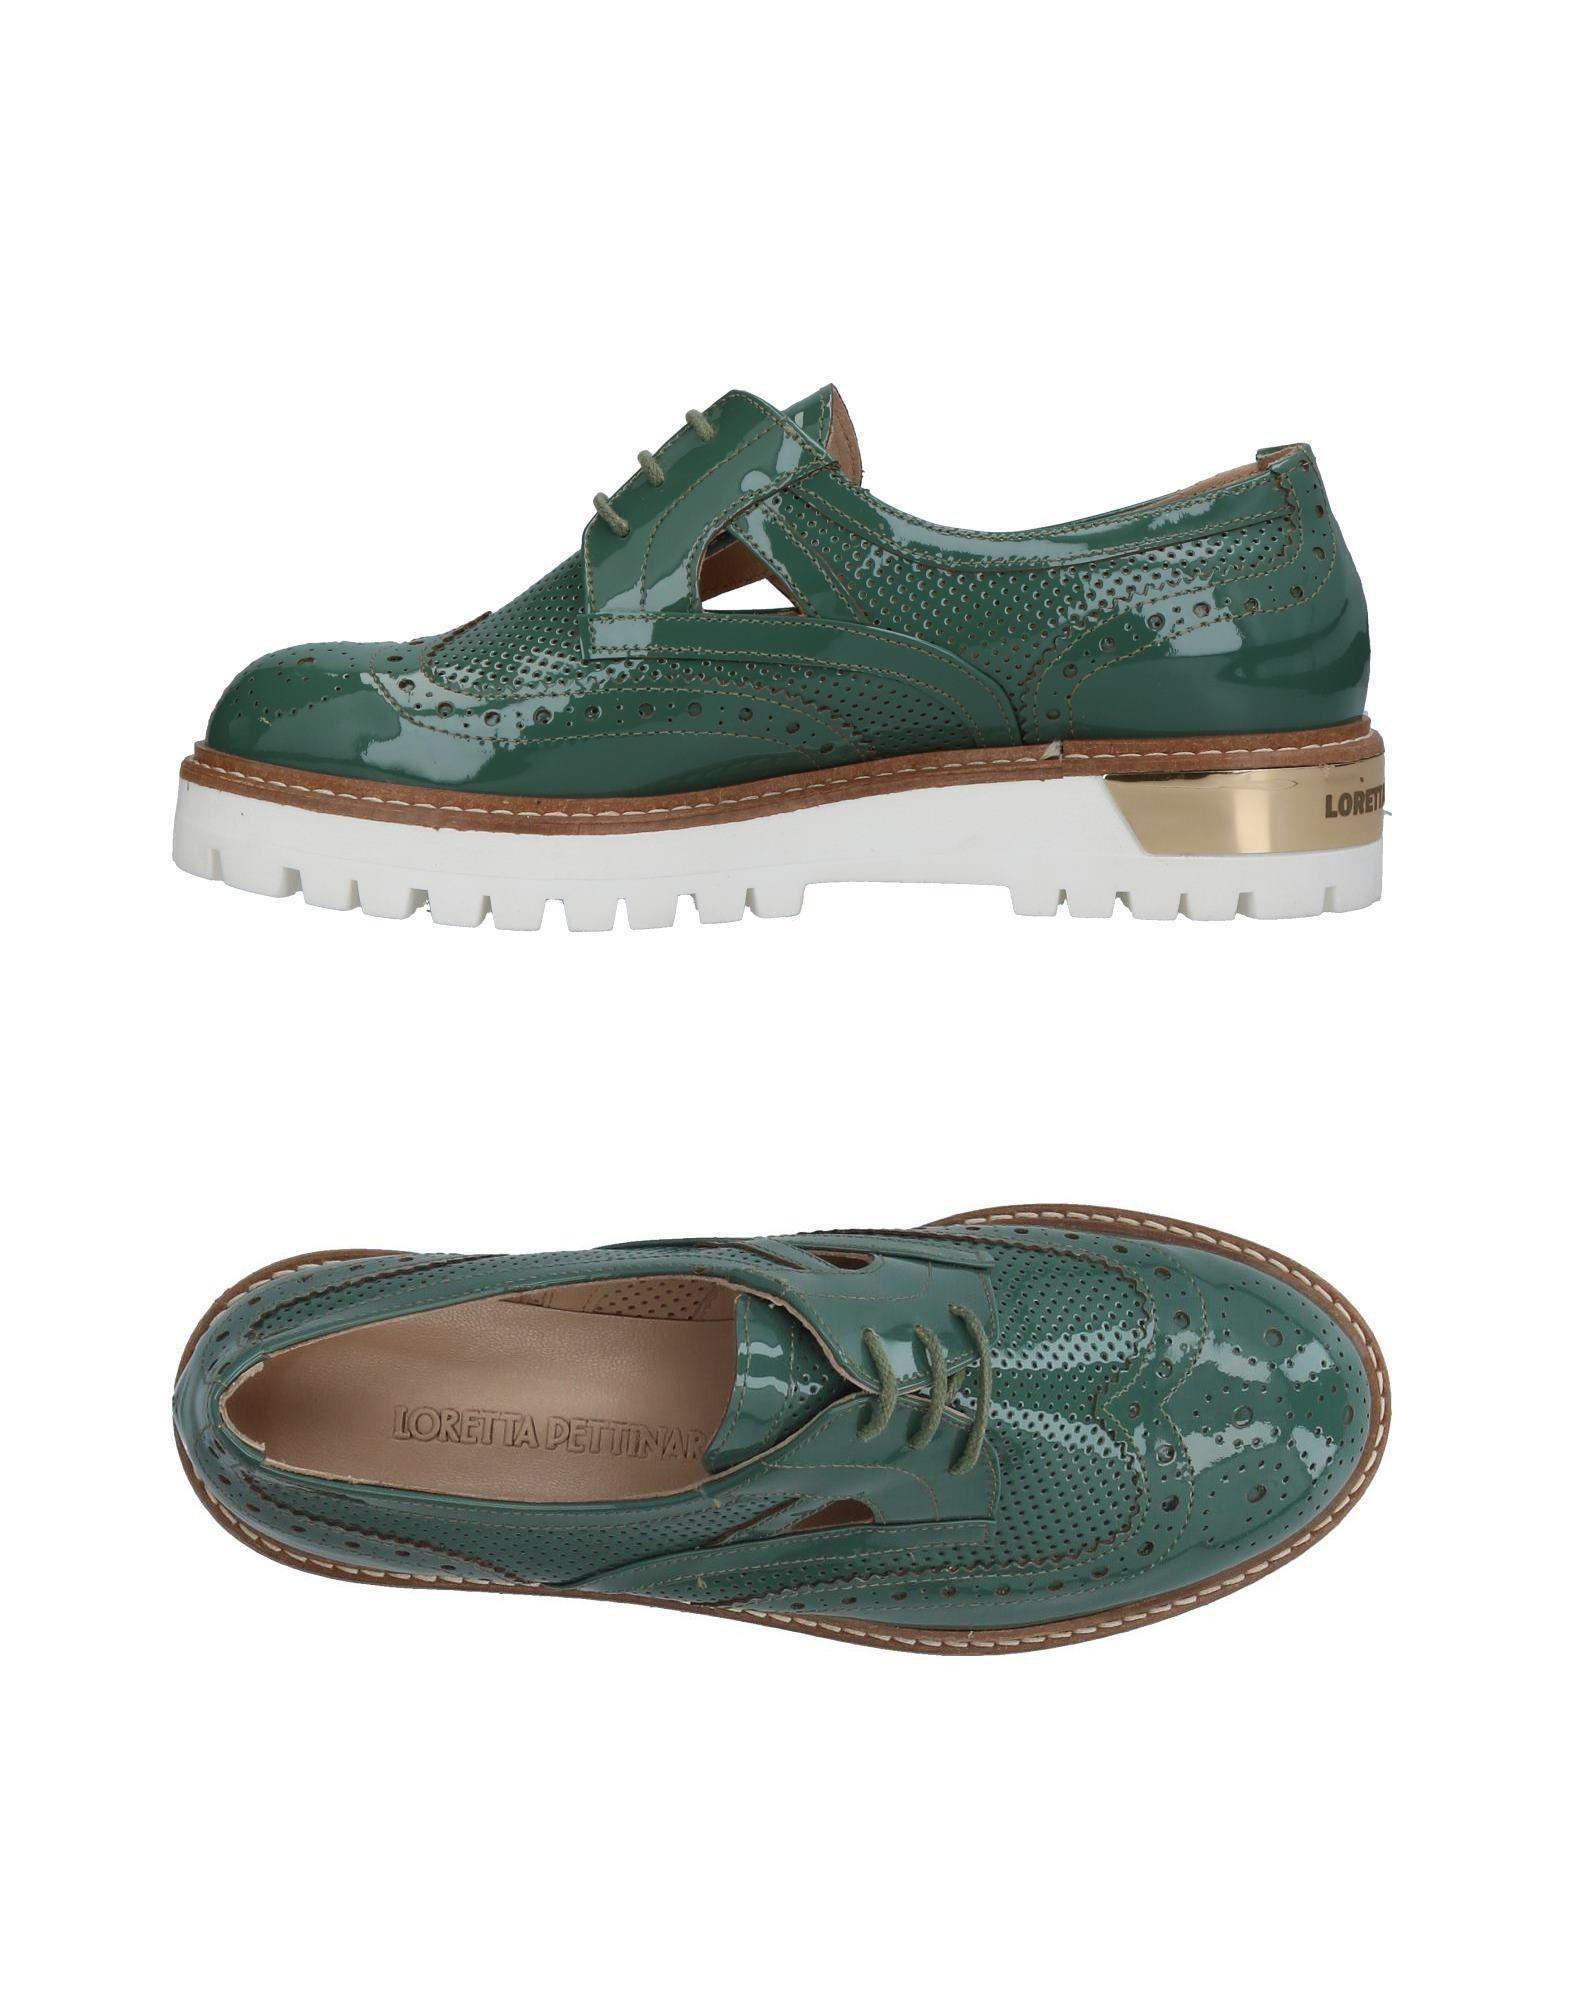 FOOTWEAR - Lace-up shoes Loretta Pettinari RHnBf06